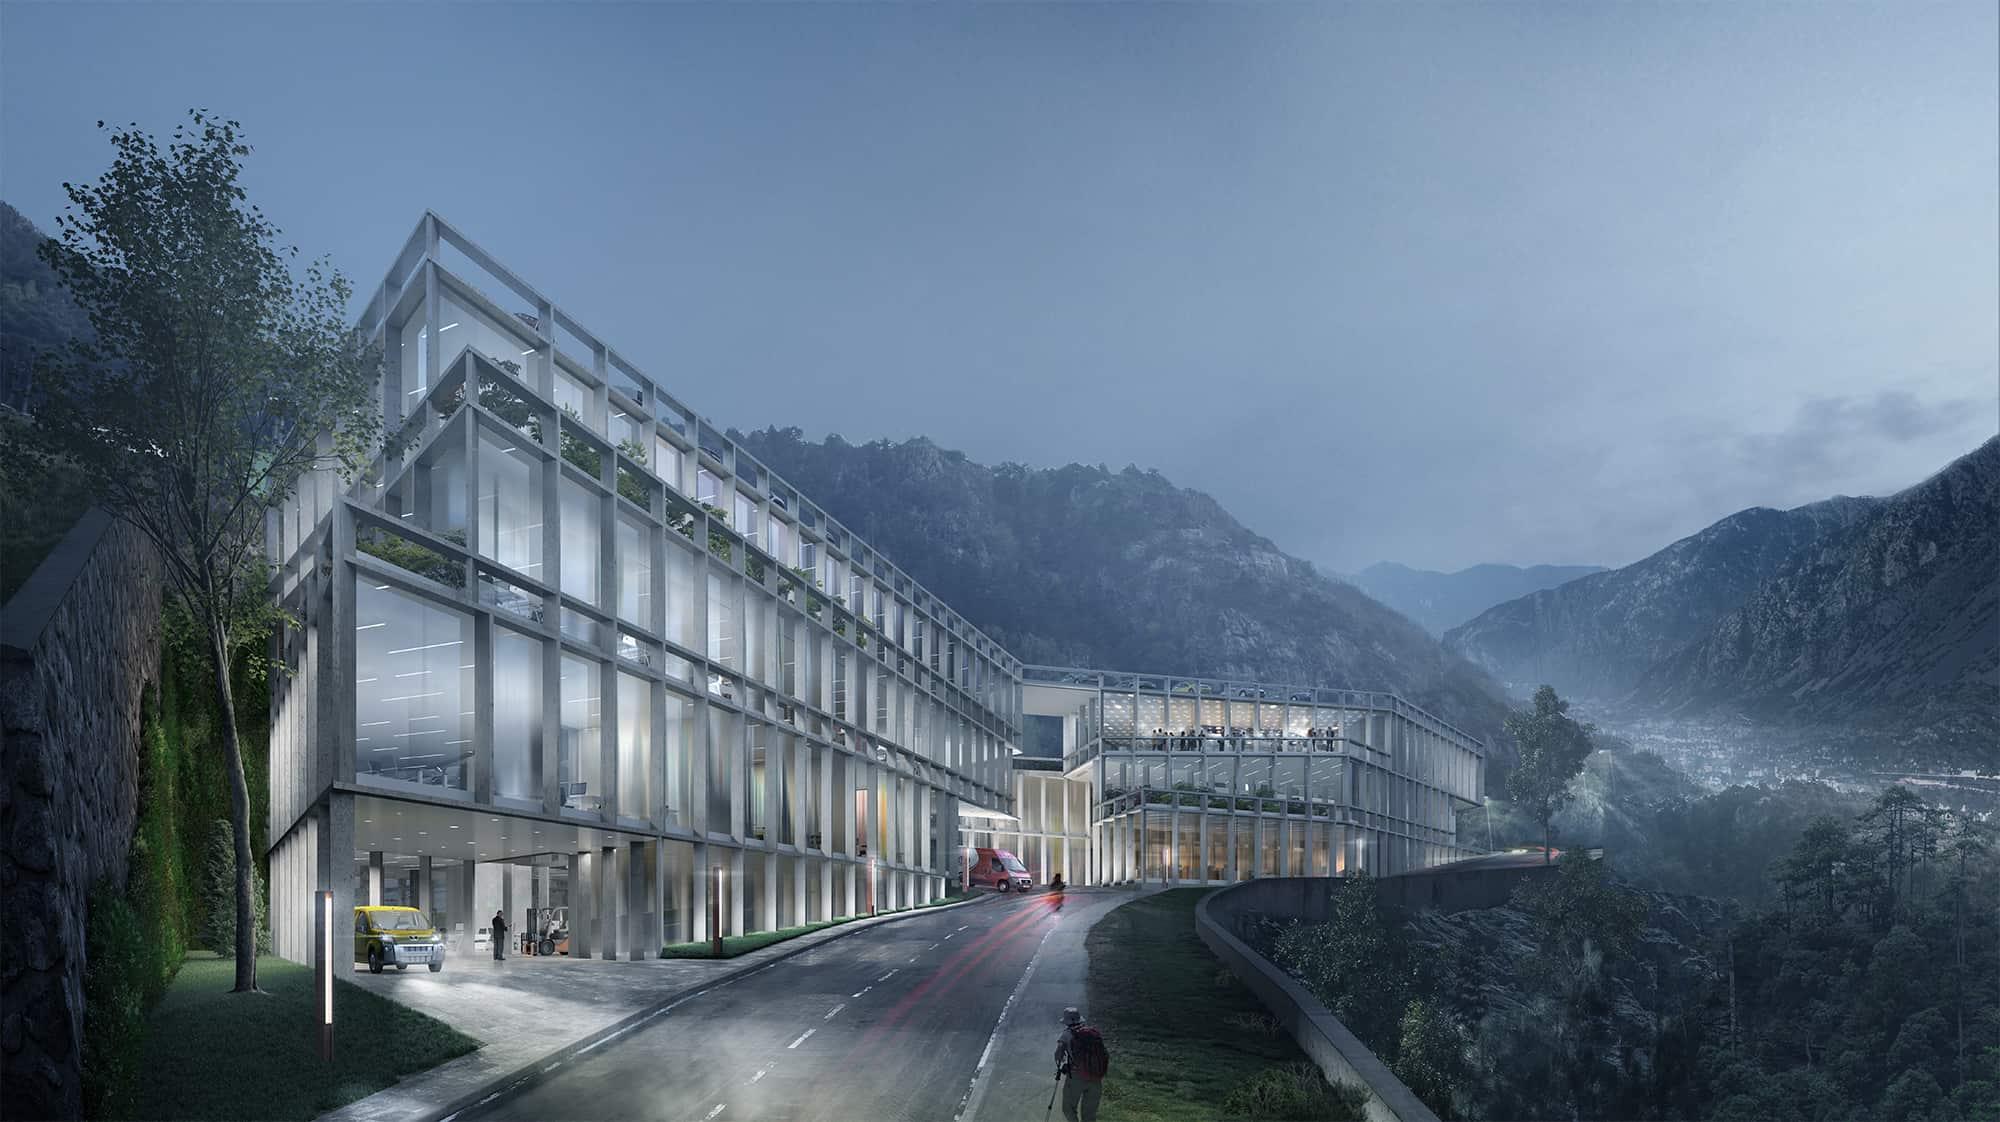 Andorra • Pyrenees • Logistics